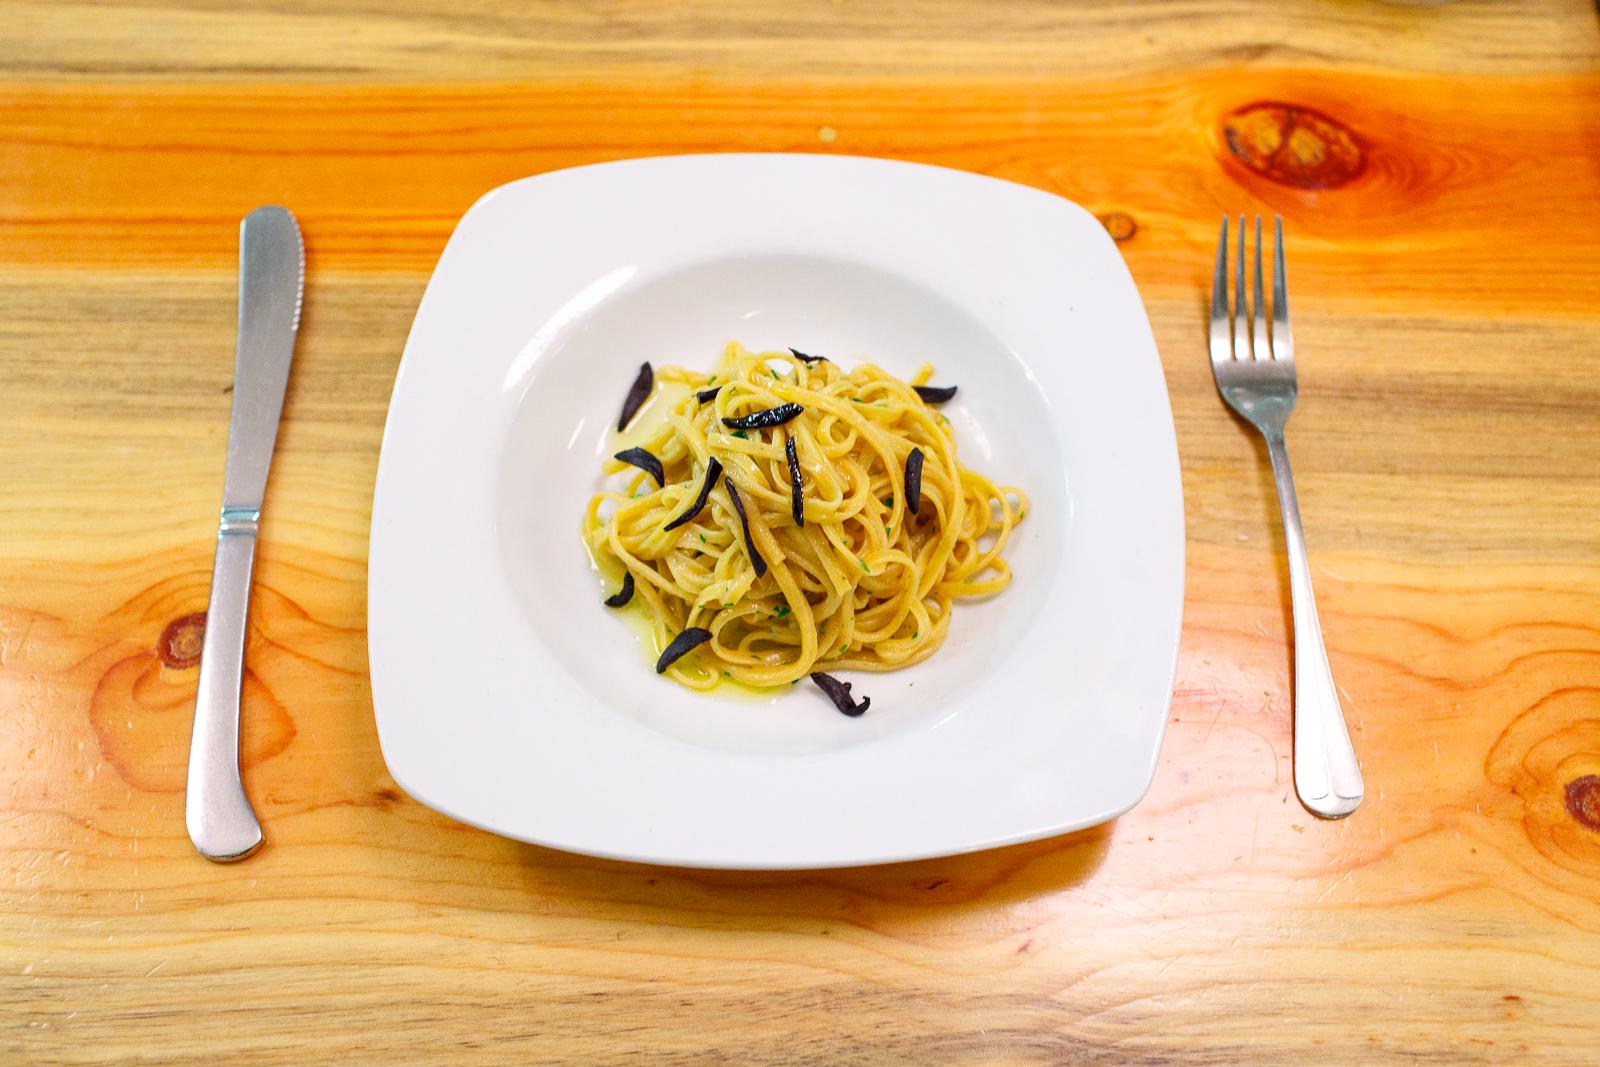 Chitarra square spaghetti, sea urchin, black garlic, parsley ($15)